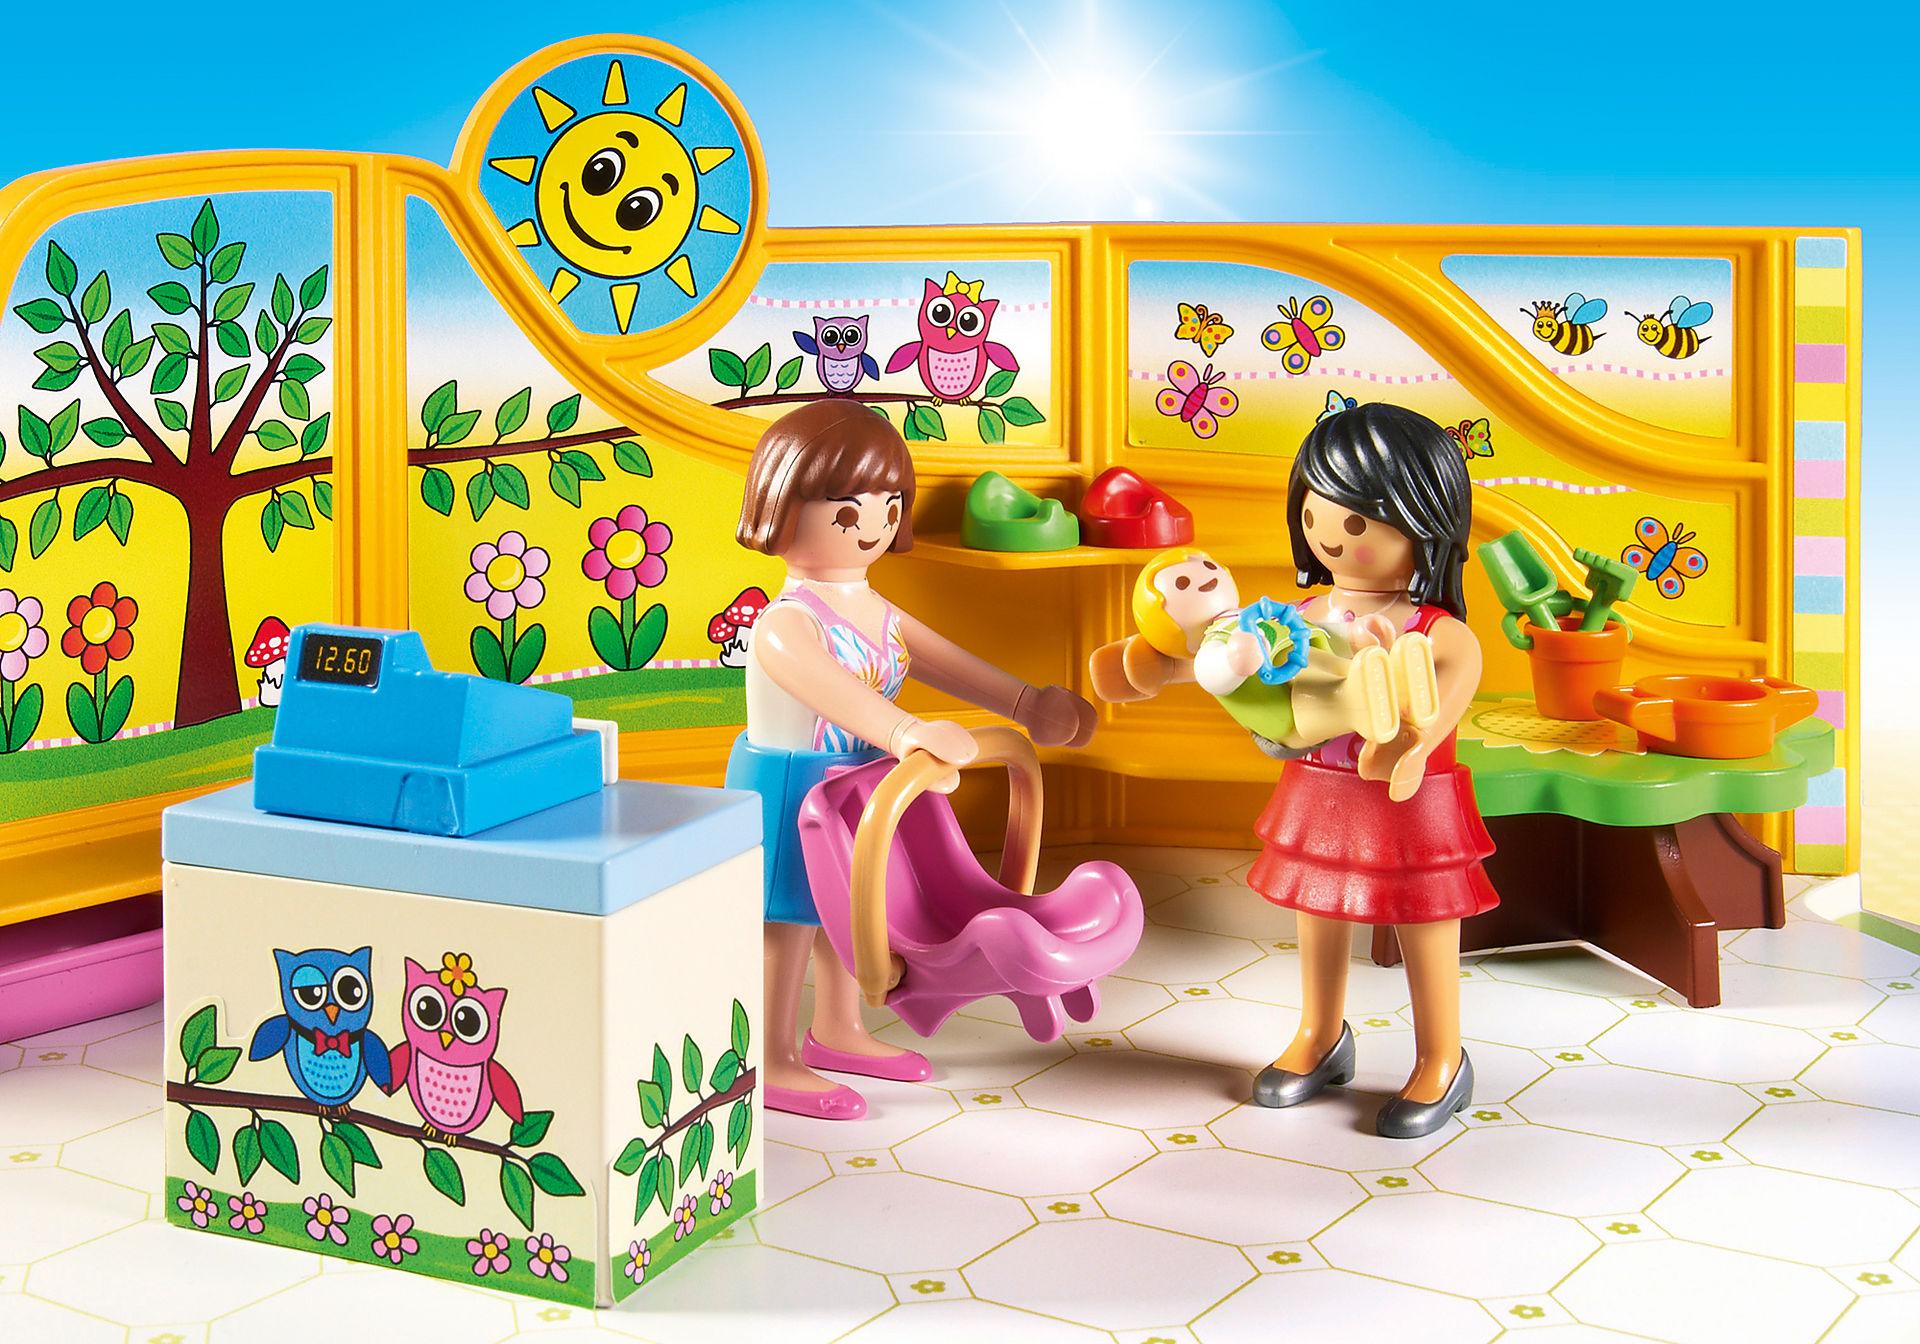 http://media.playmobil.com/i/playmobil/9079_product_extra2/Magasin pour bébés